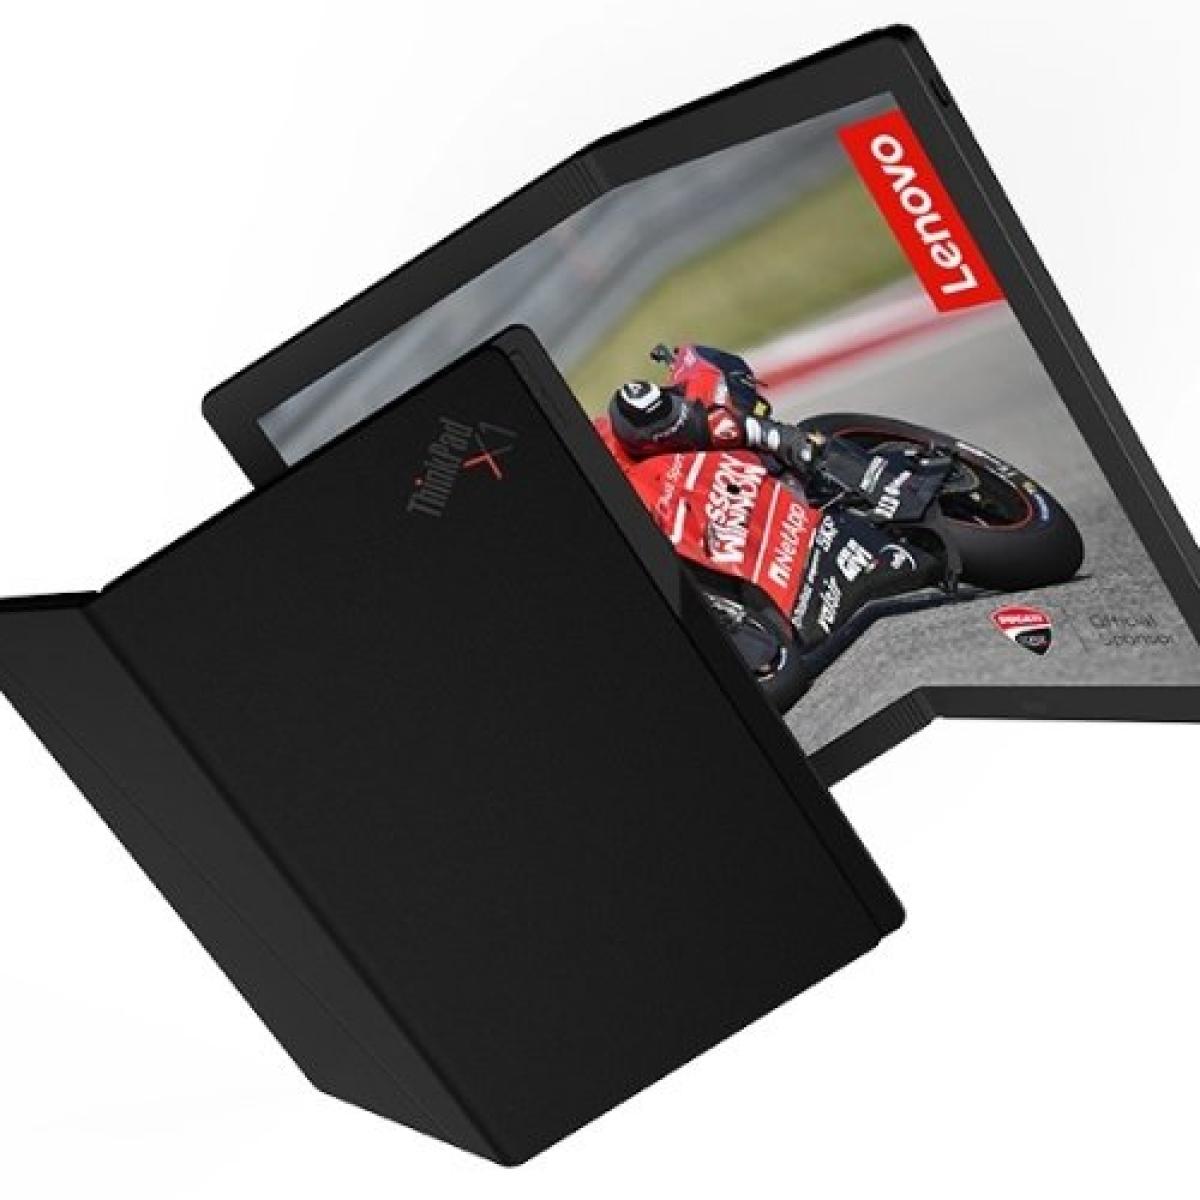 Lenovo heralds era of foldable PCs with 'X1 Fold'